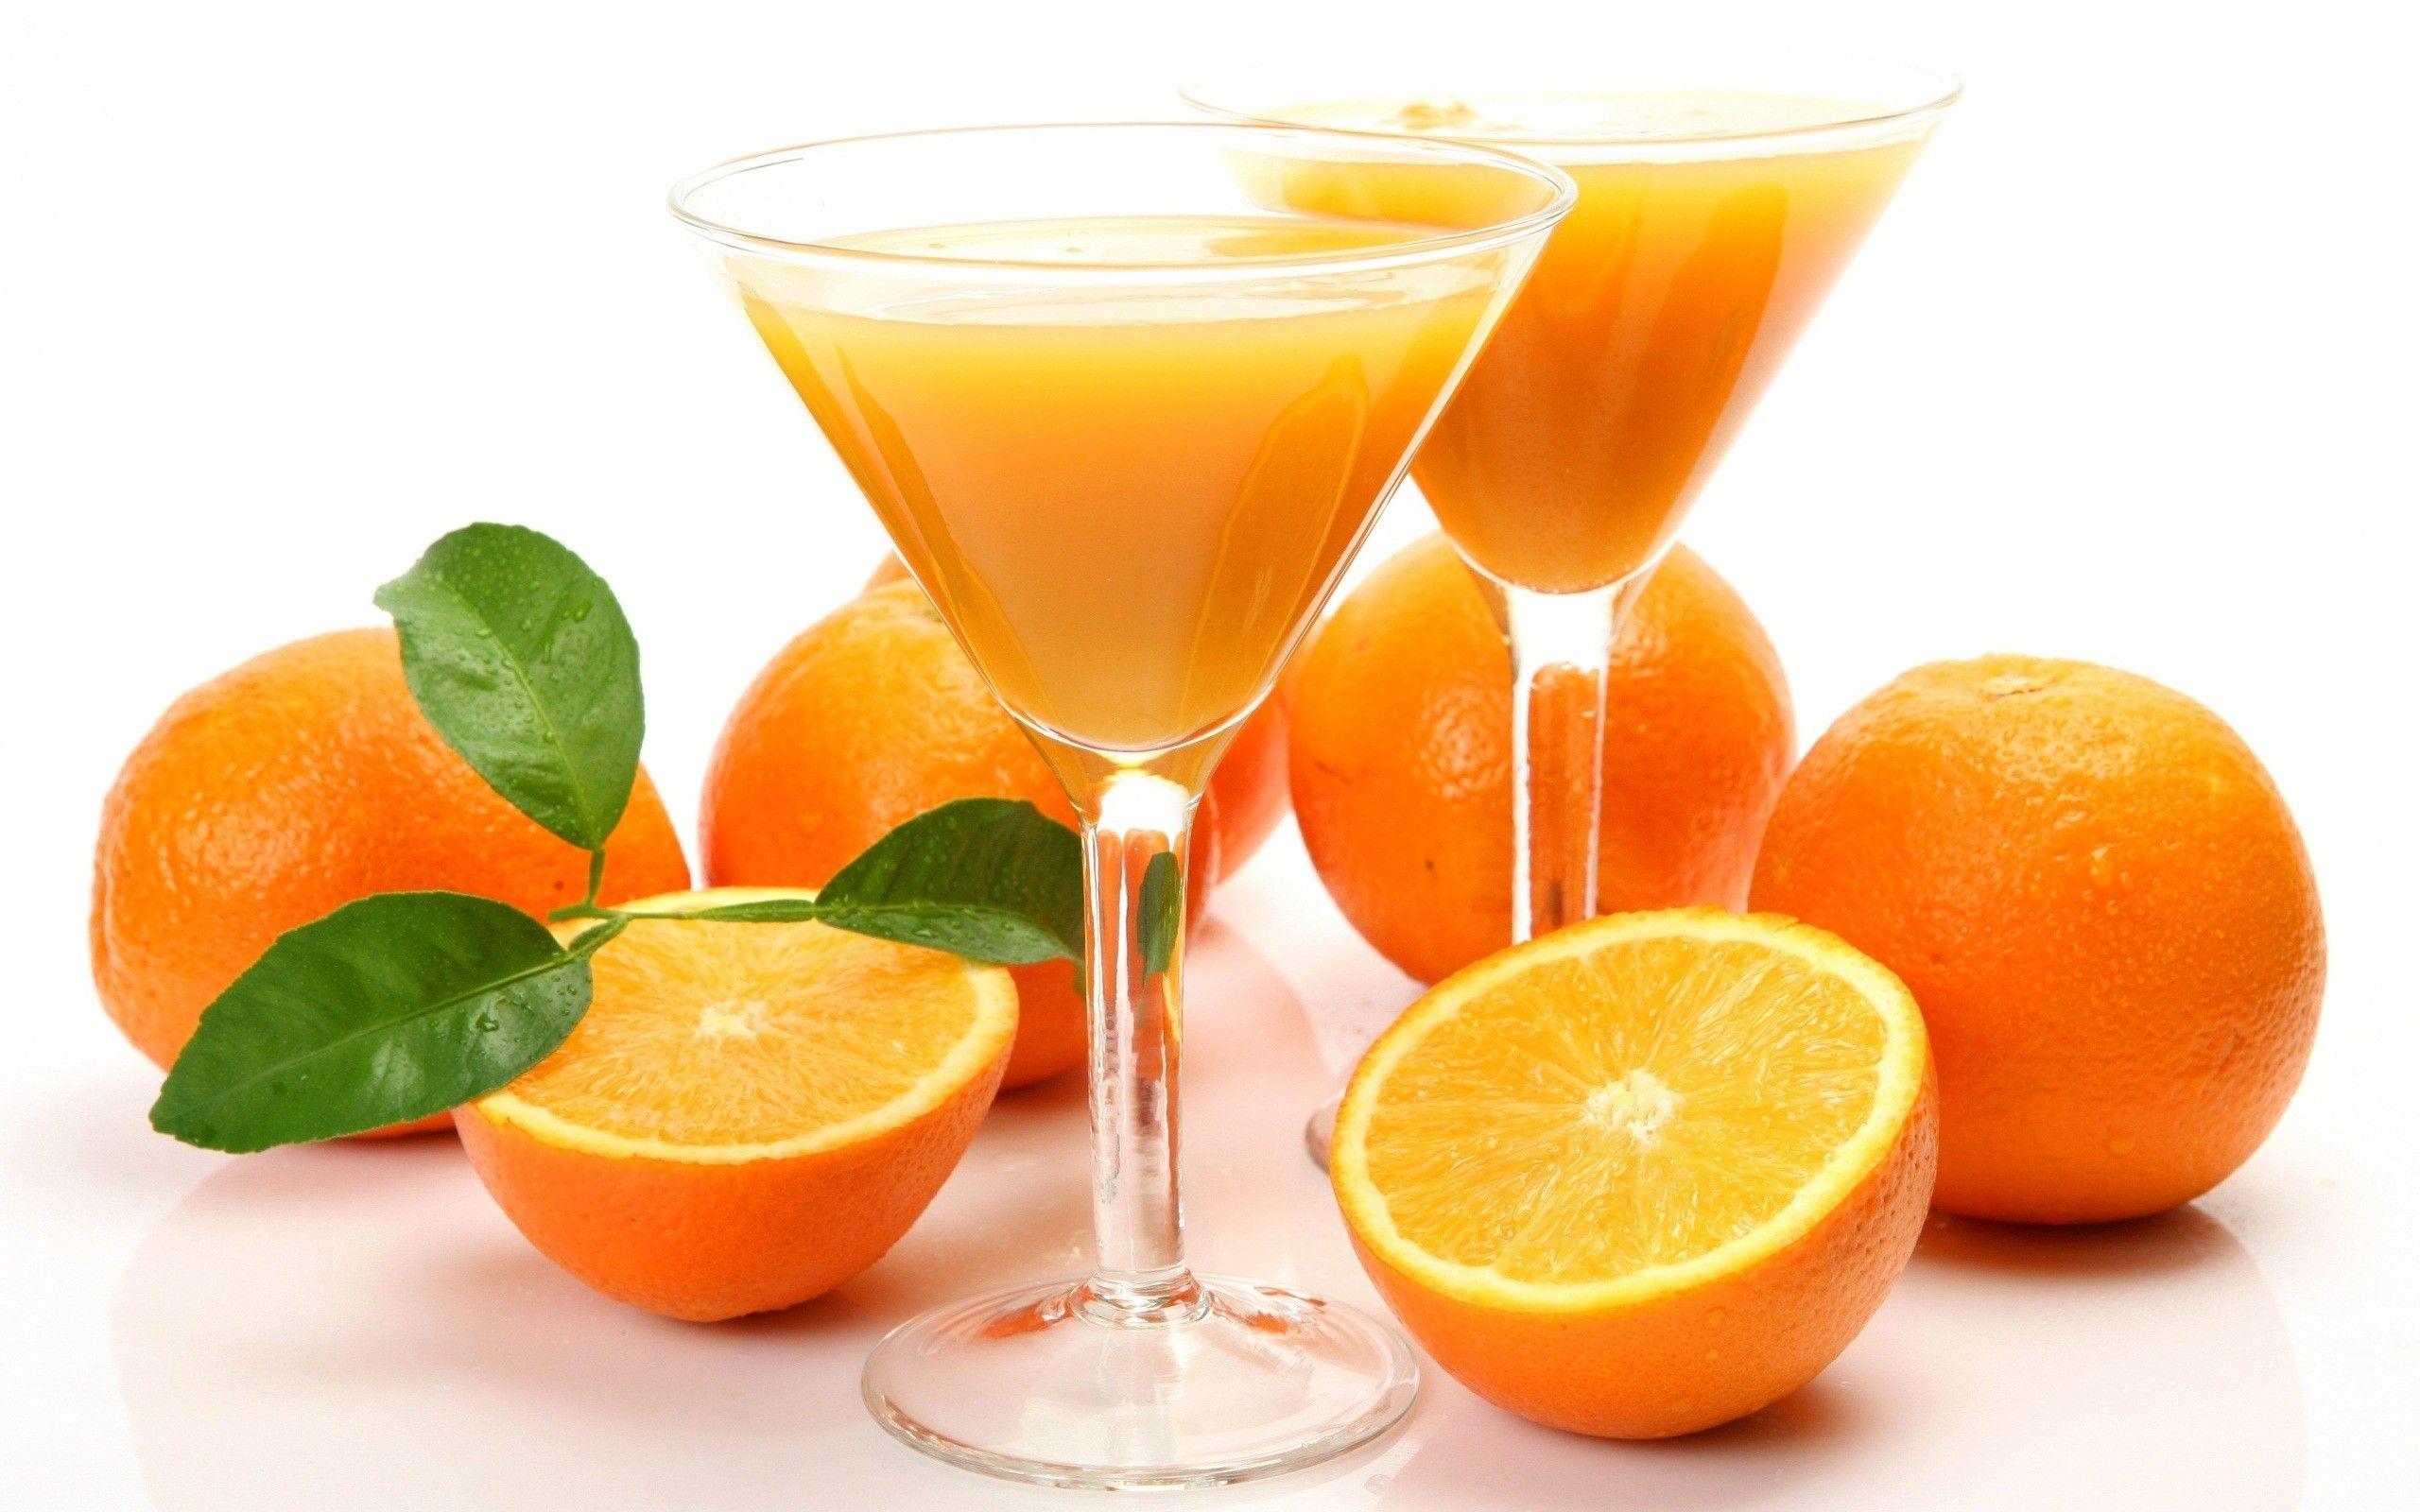 Ecco cosa succede se non mangiamo abbastanza vitamina C